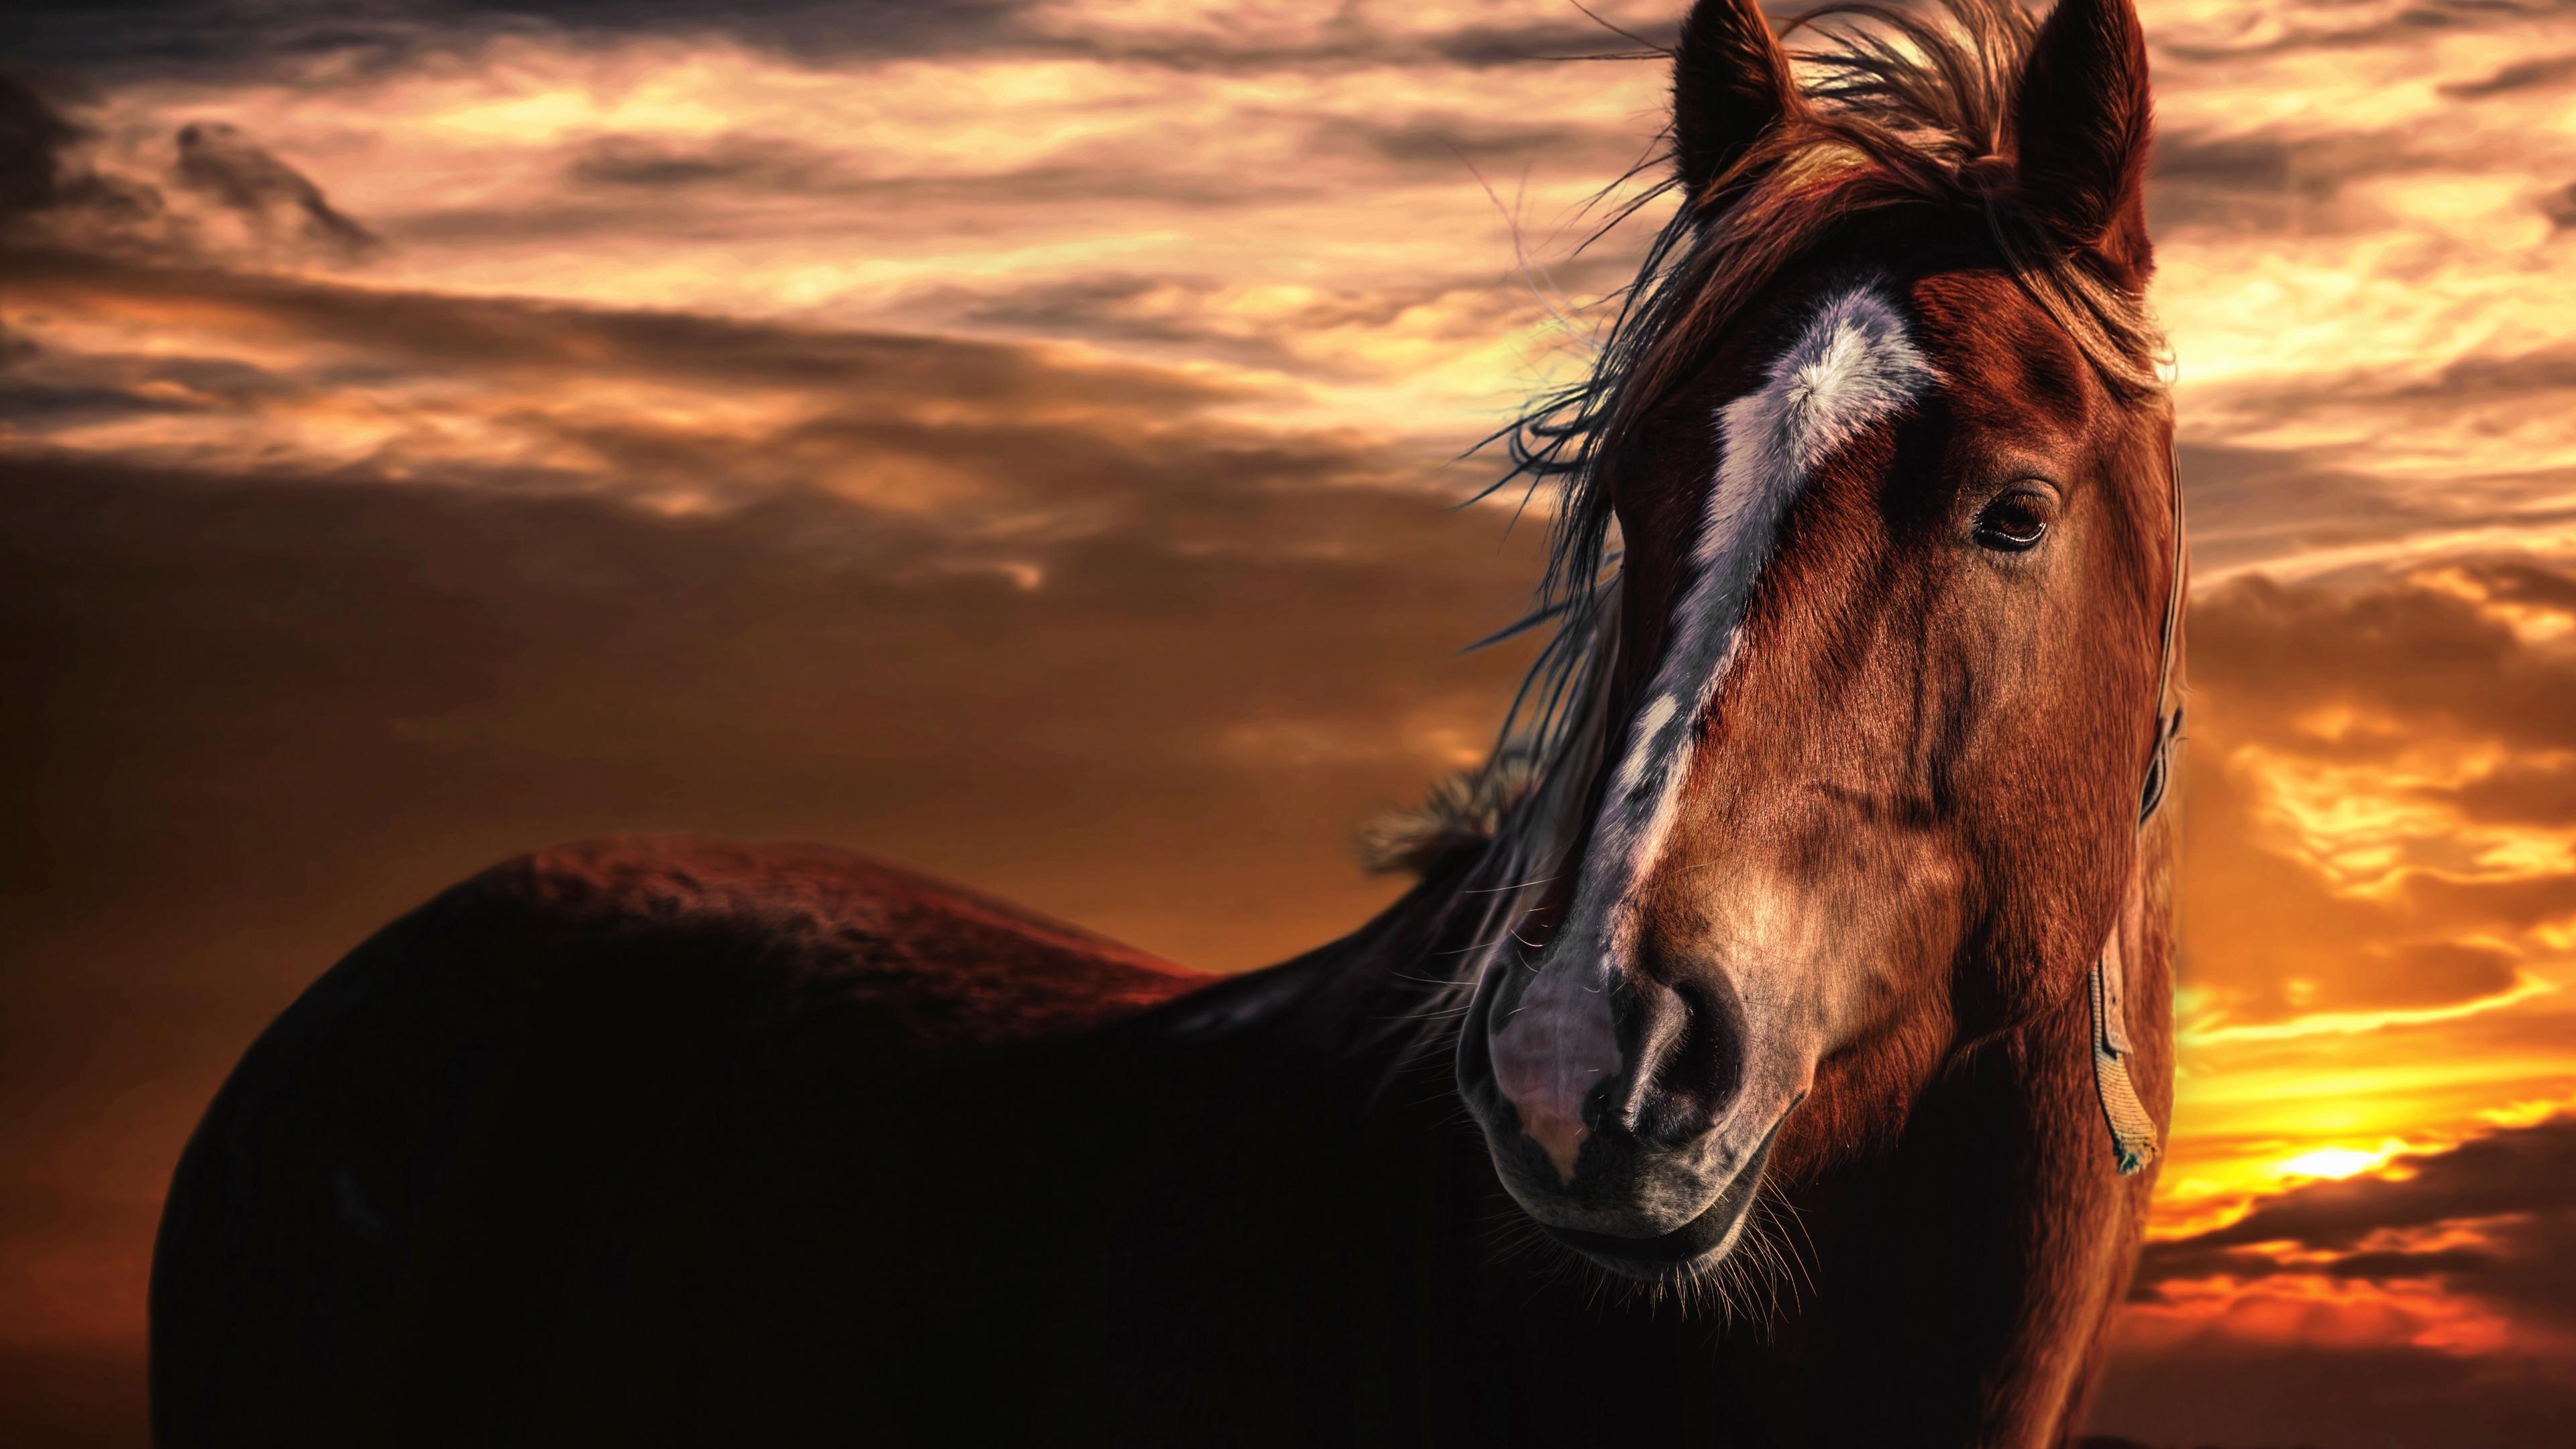 horse sunset mane sky wind 4k 1542242674 - horse, sunset, mane, sky, wind 4k - sunset, mane, horse